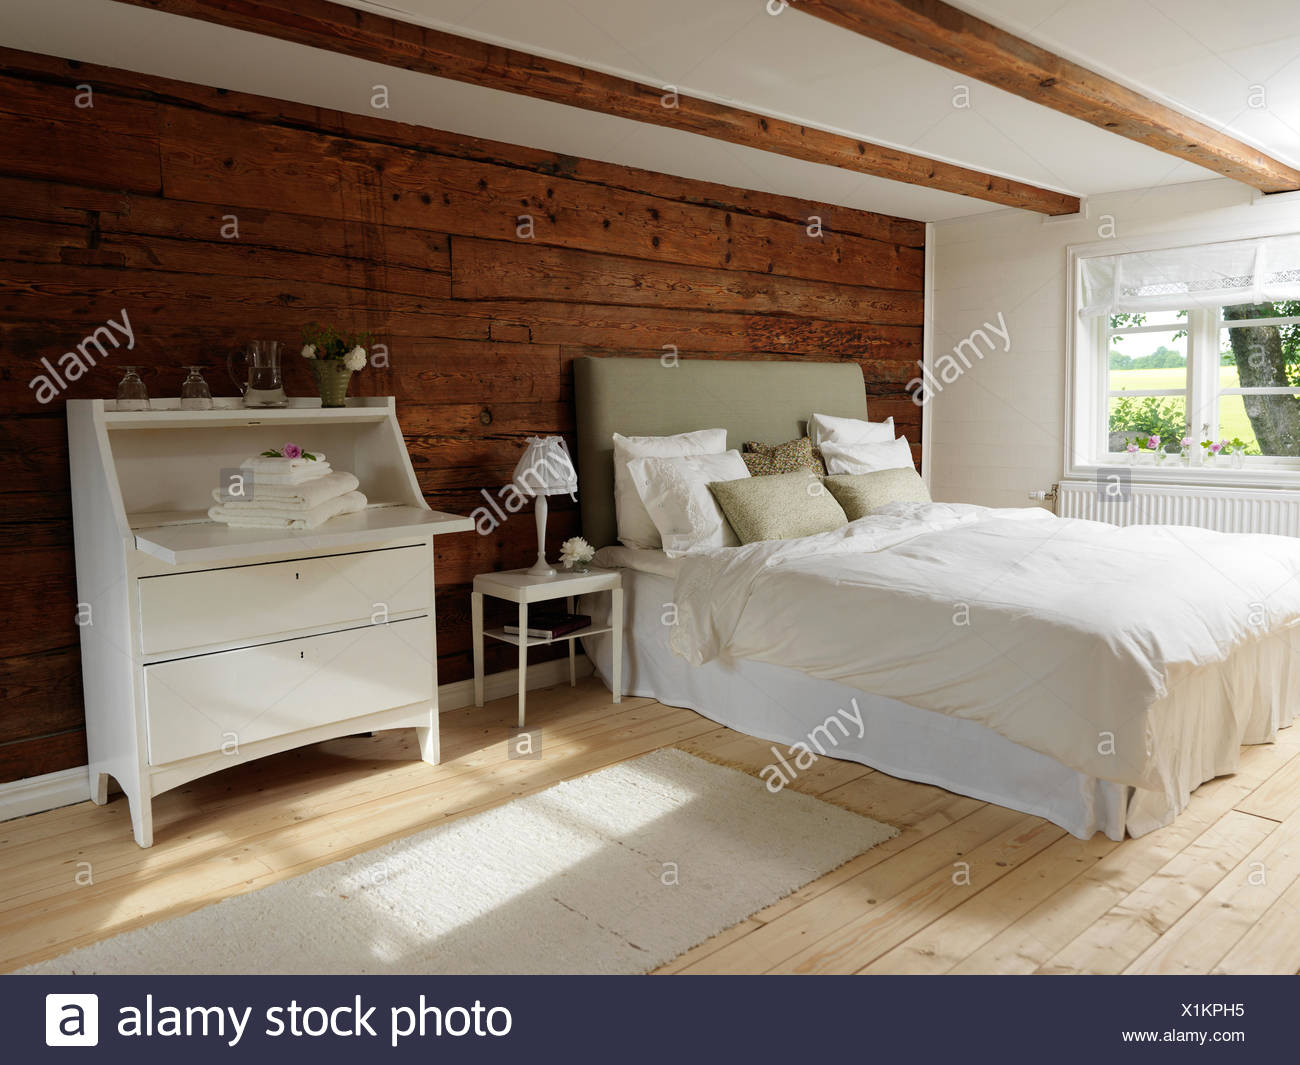 La Suède, avec chambre à coucher de style scandinave bois et blanc ...